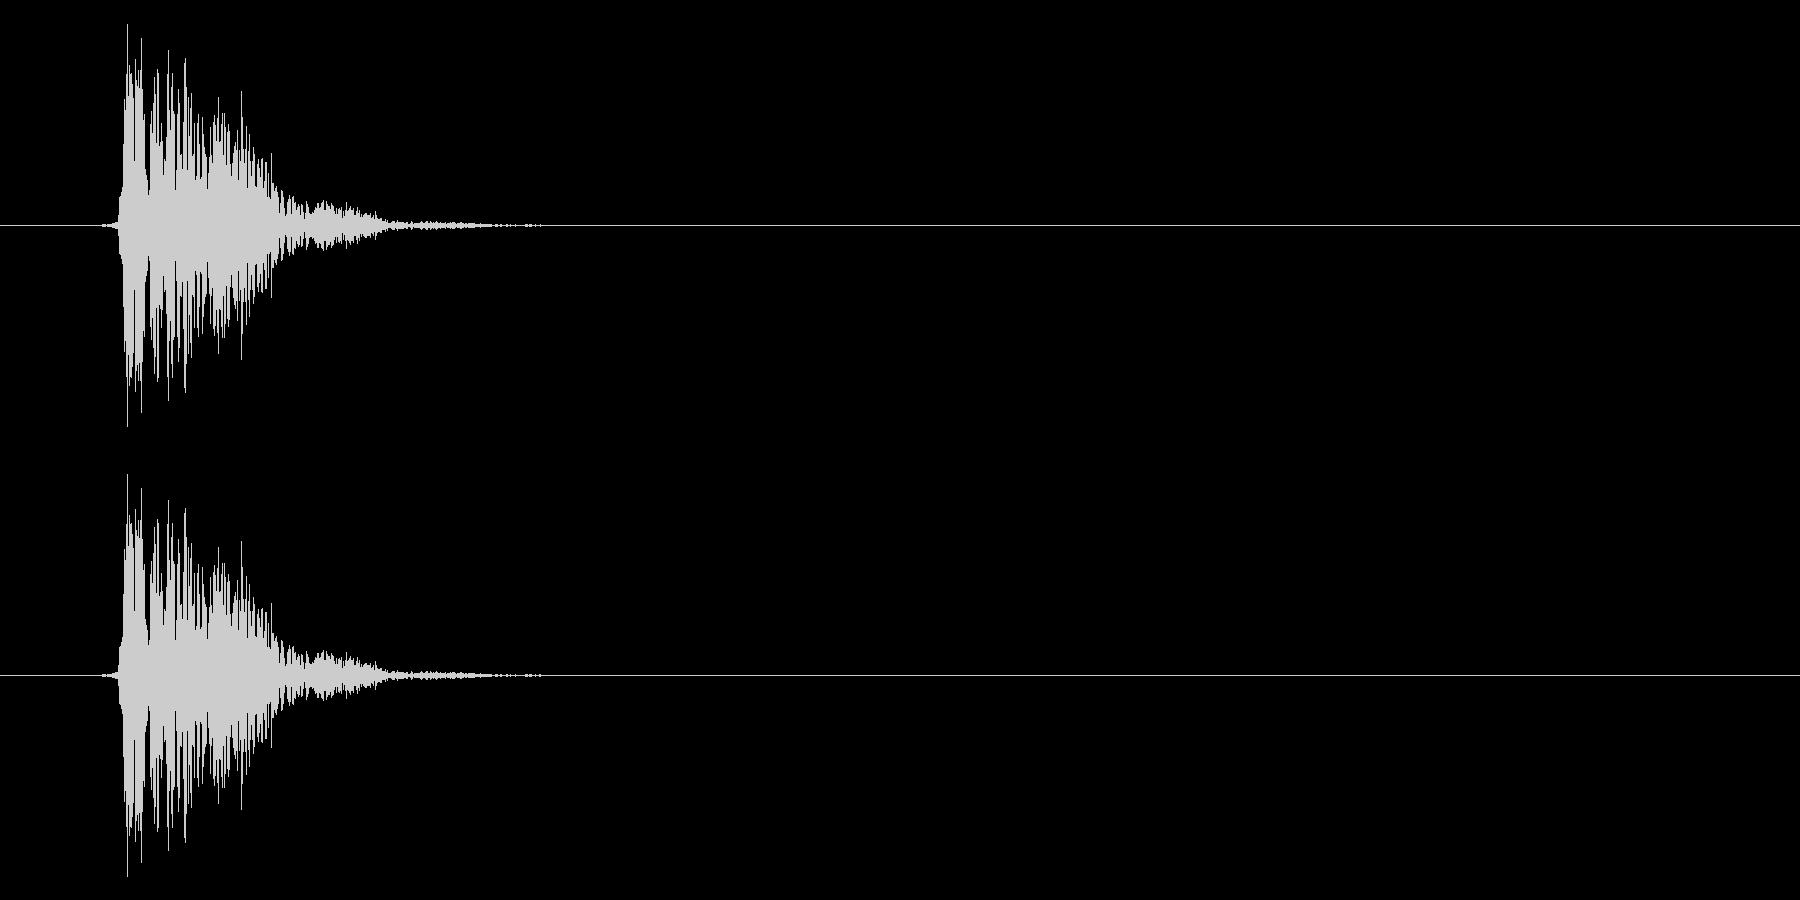 SNES 格闘05-03(ヒット)の未再生の波形